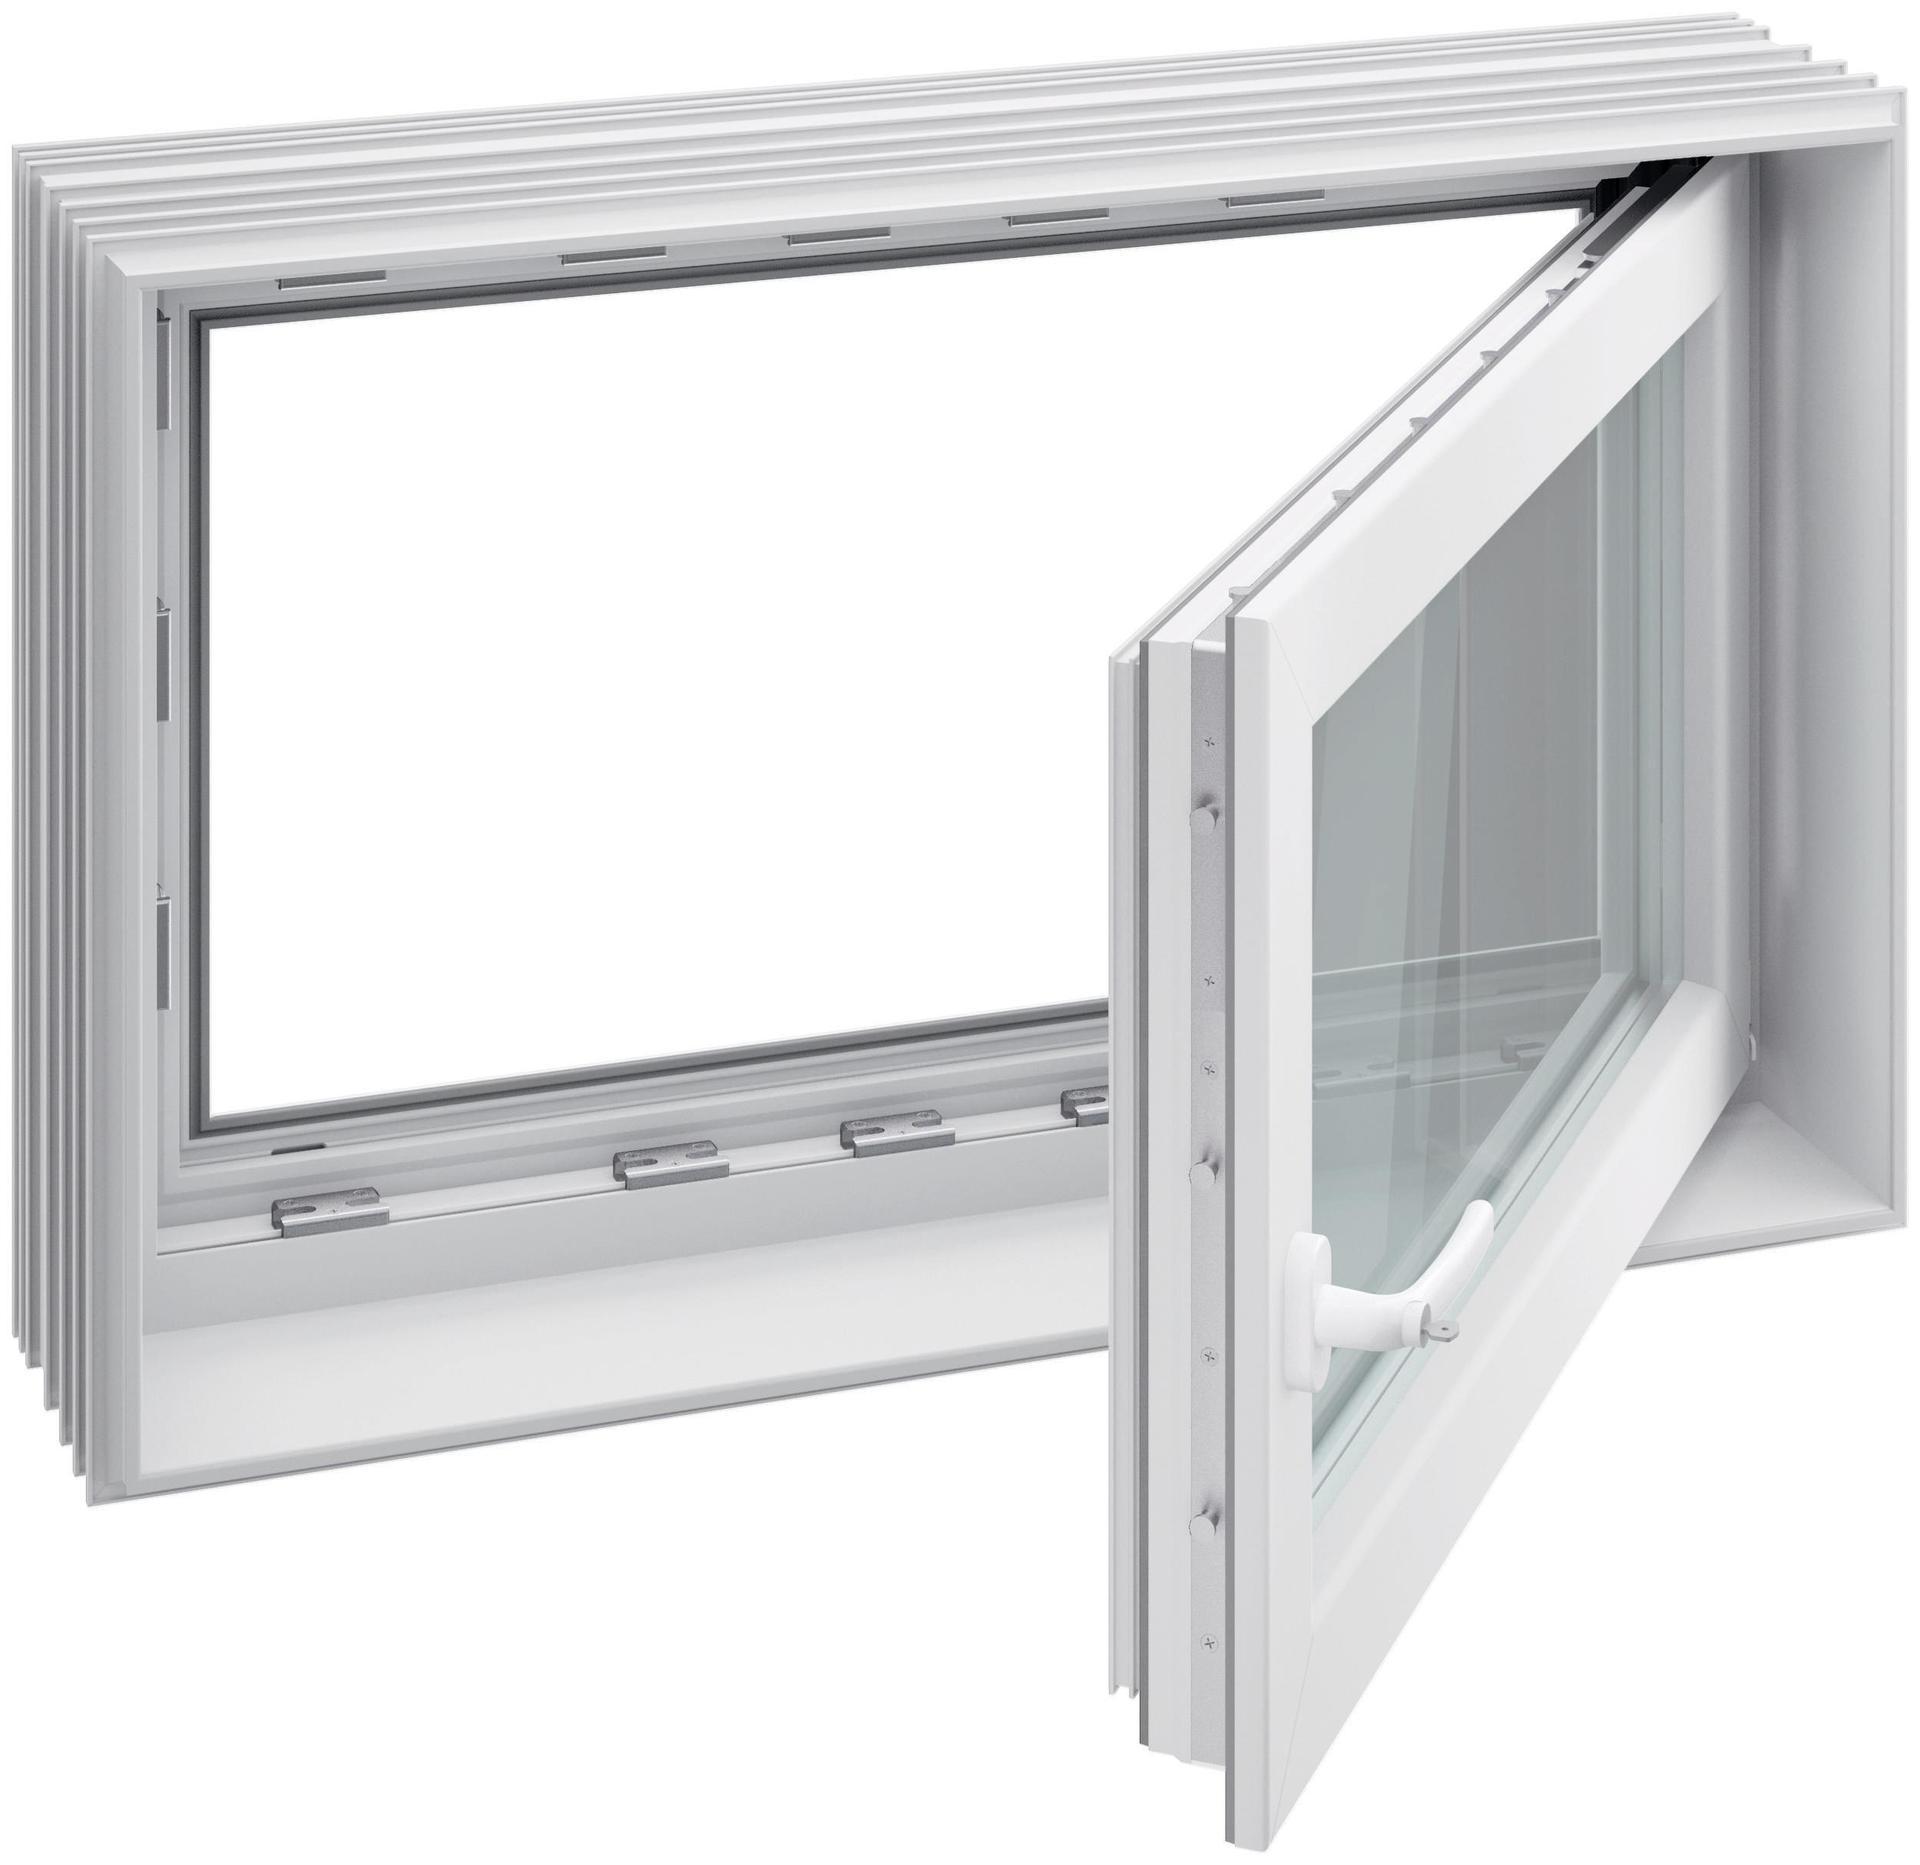 Full Size of Aco Kellerfenster Ersatzteile Fensterrahmen Therm Fenster Velux Wohnzimmer Aco Kellerfenster Ersatzteile